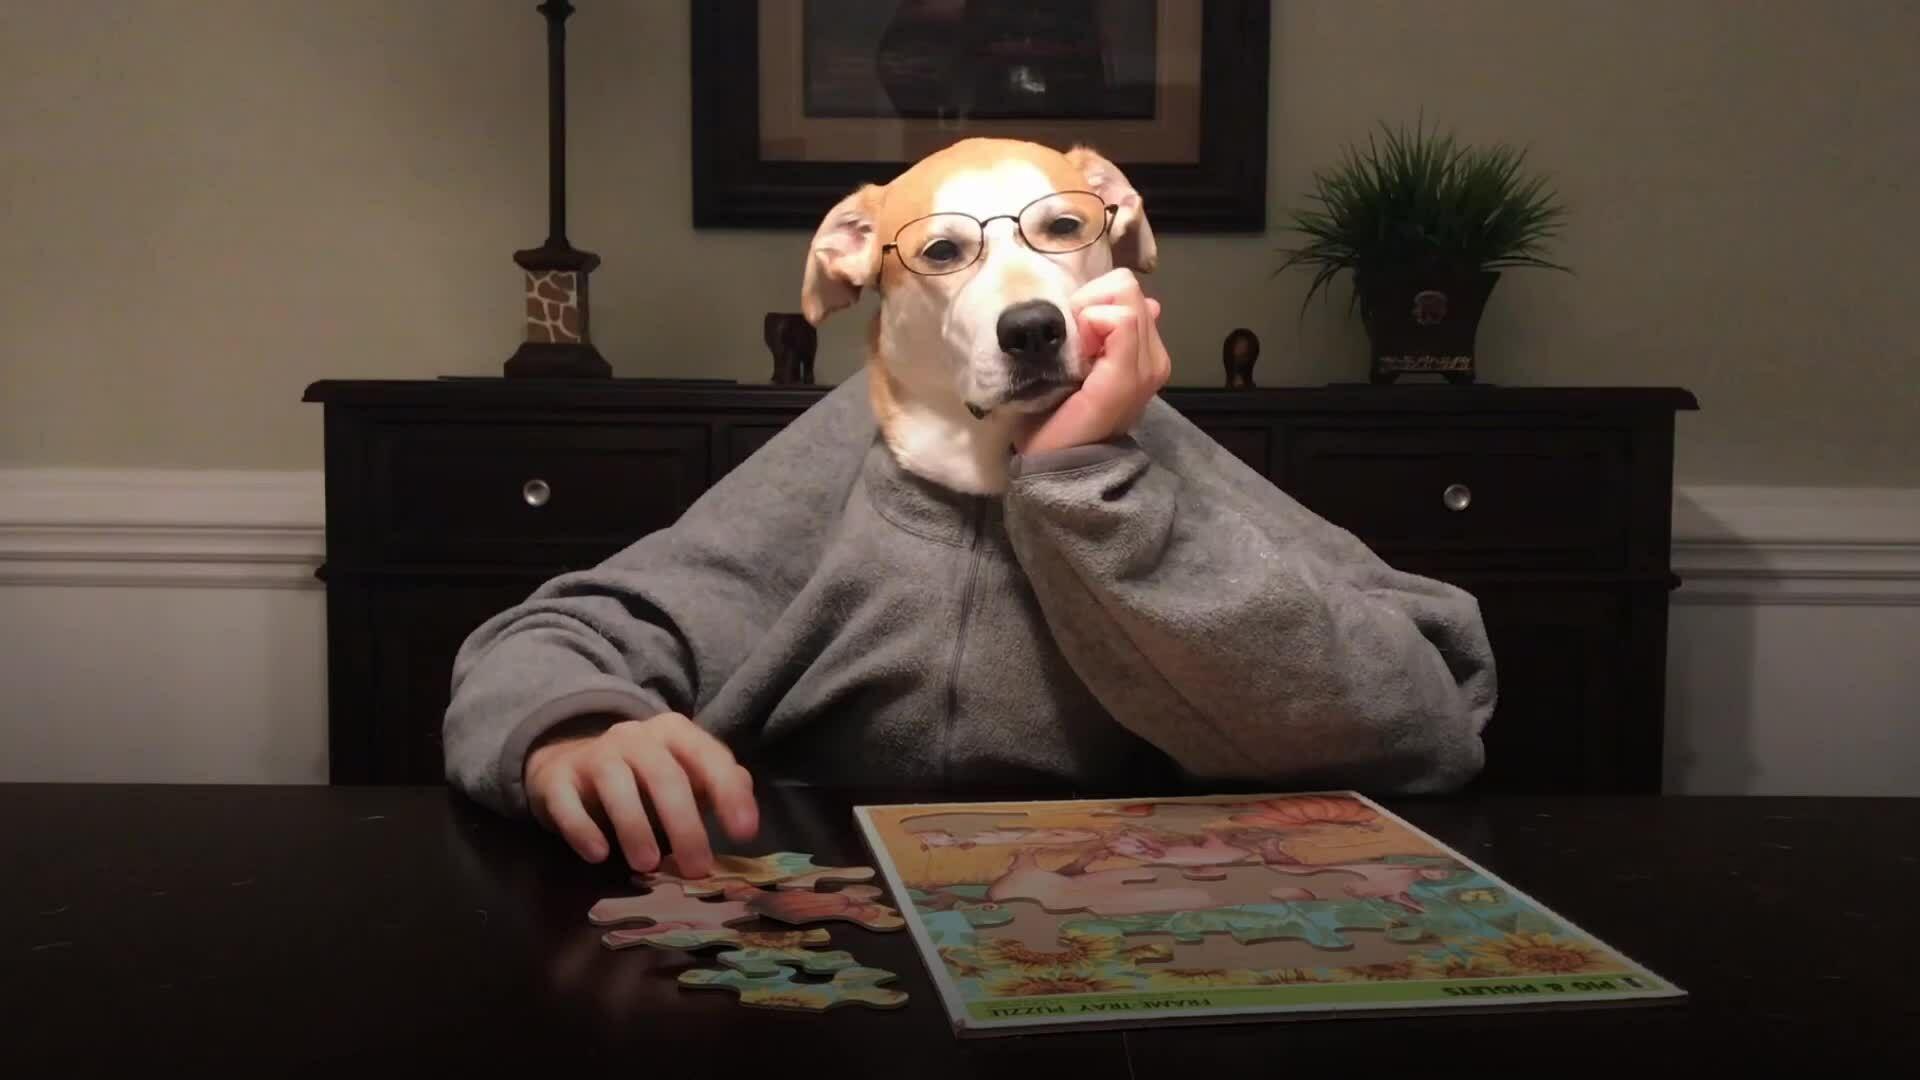 Chú chó 'tự tay' làm các công việc nhà